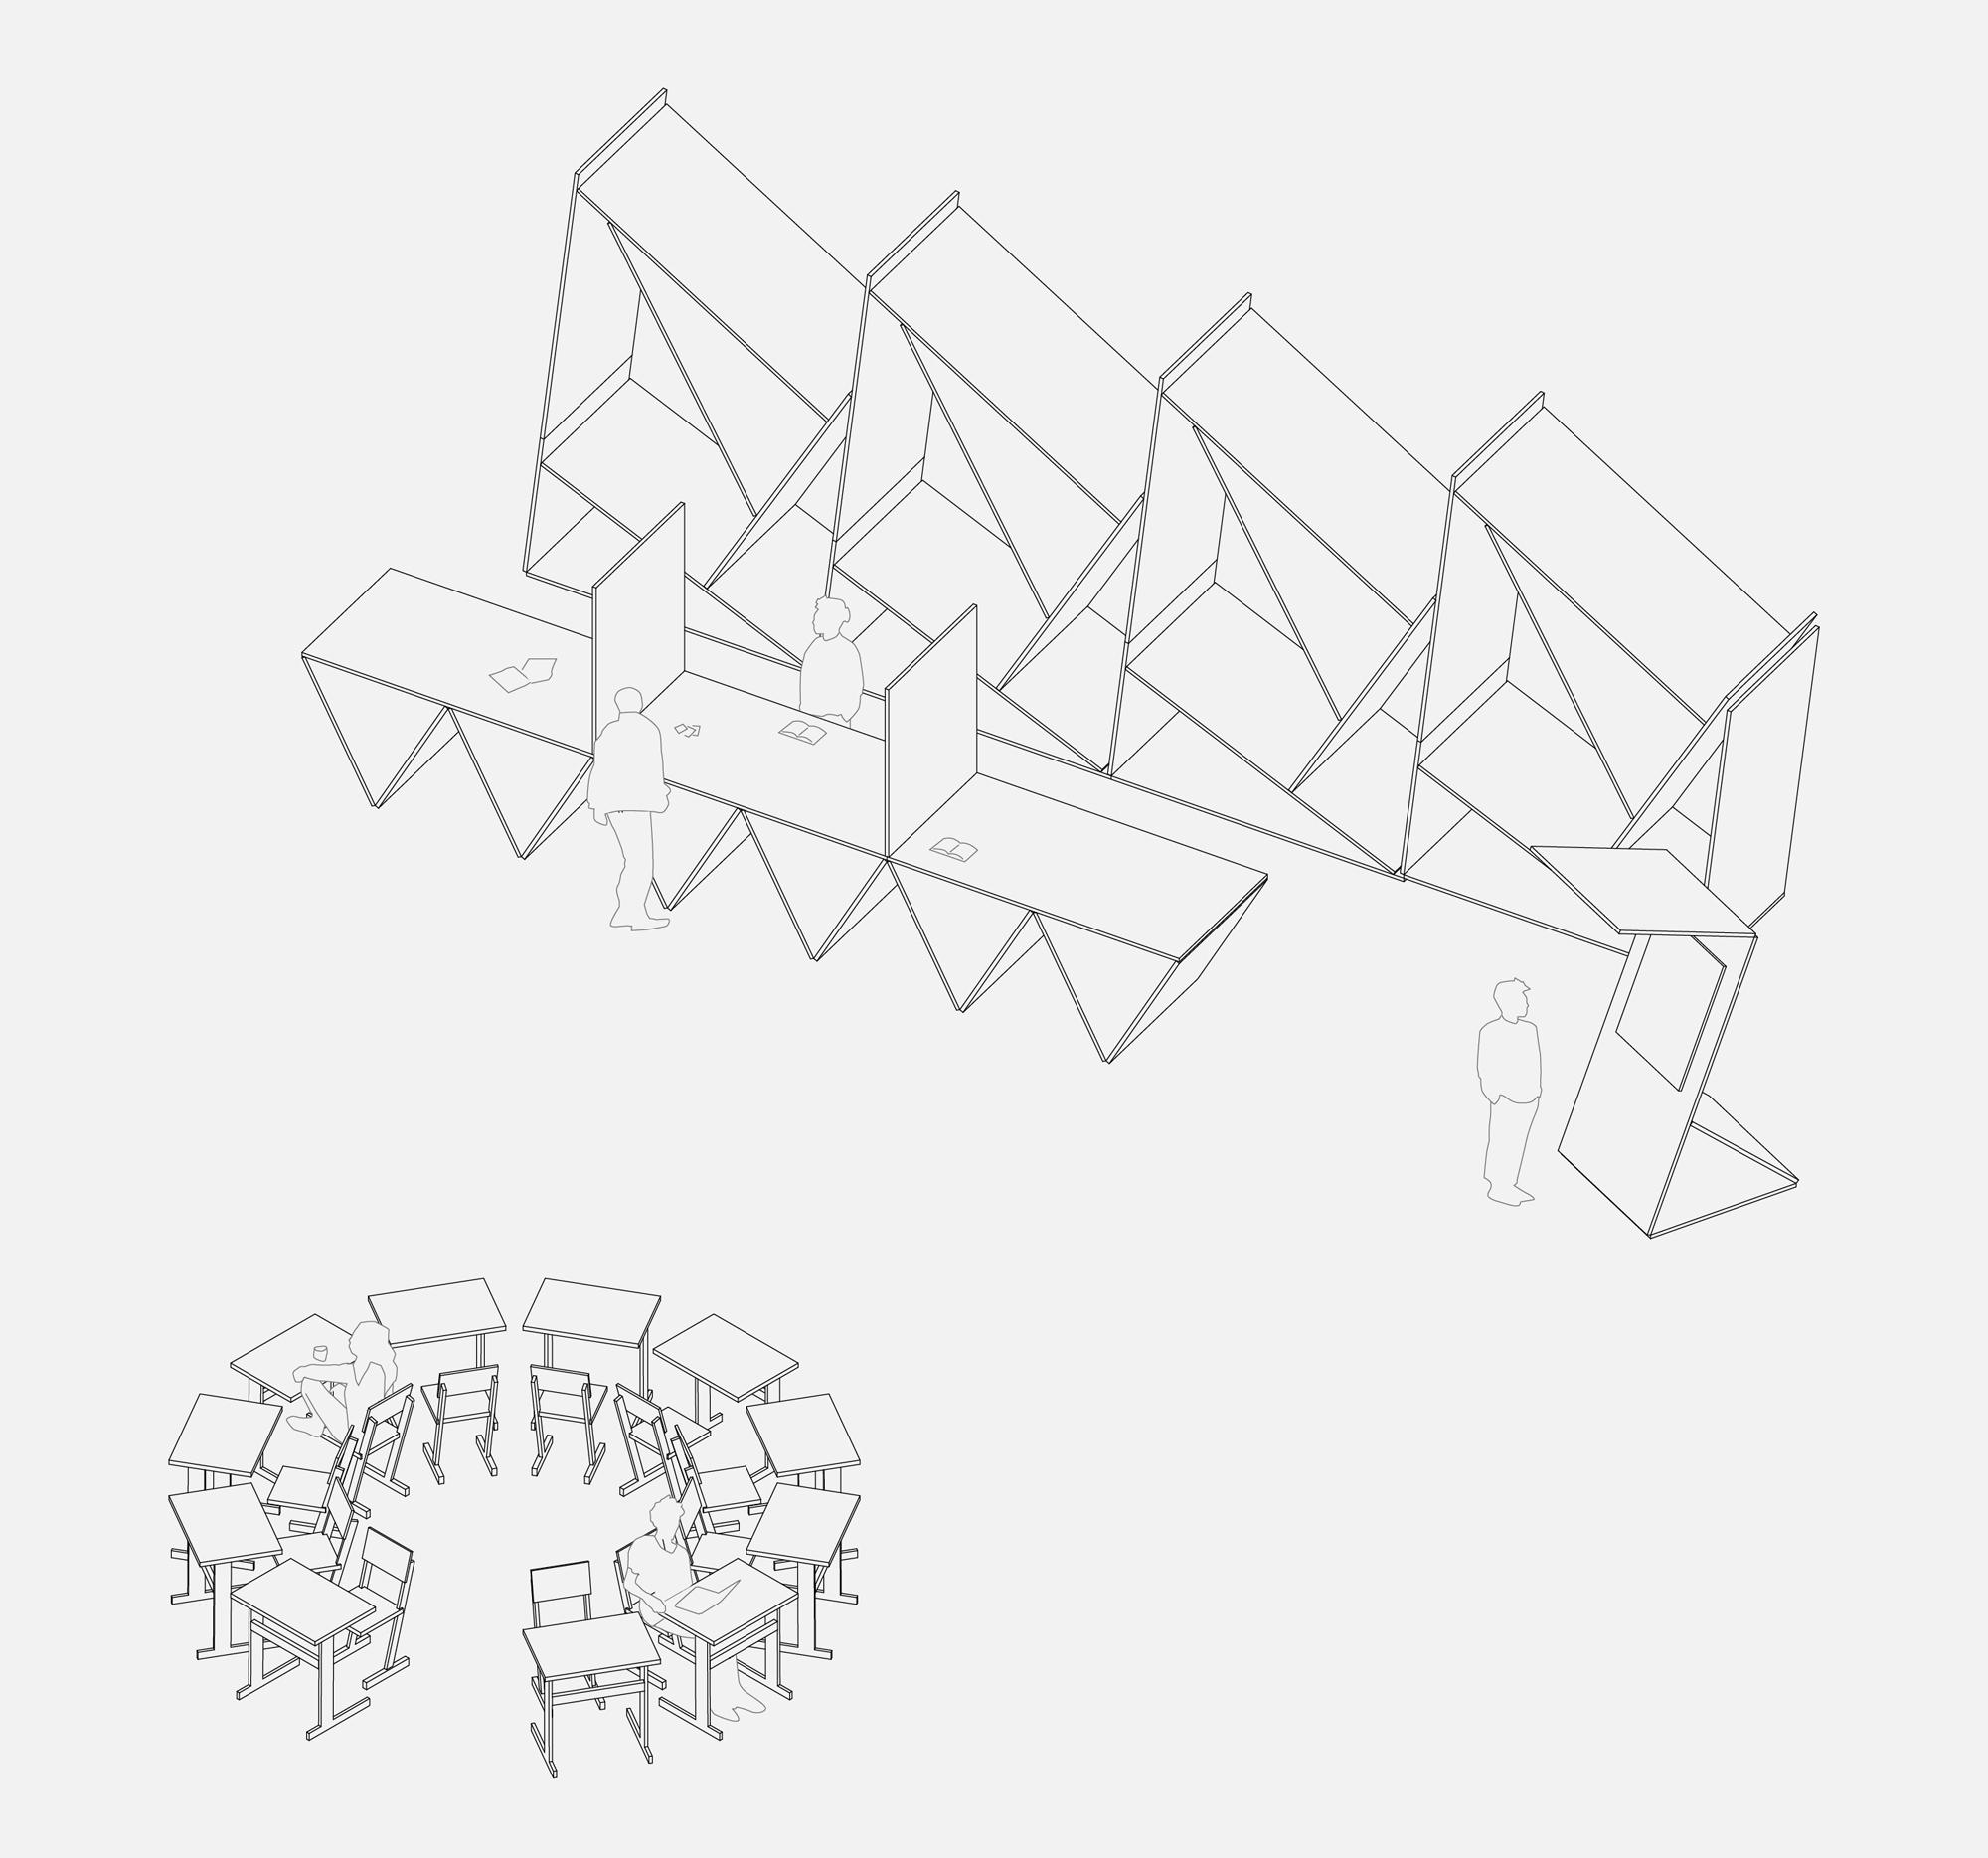 Tolle 90 Erstaunliche Zeichnung Flussdiagramm Online Foto ...